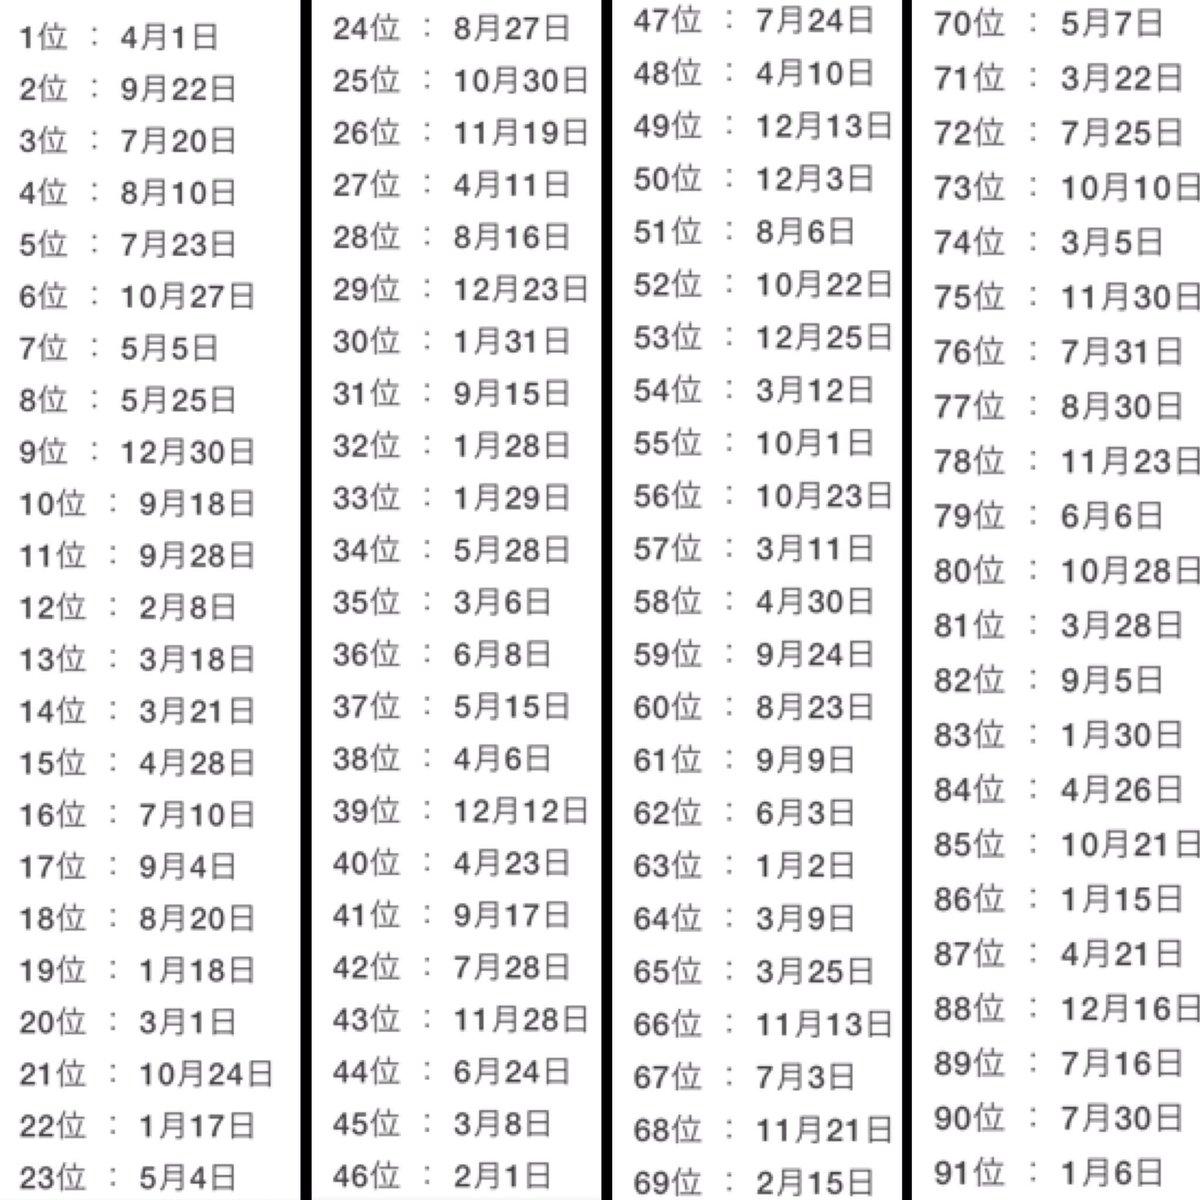 来年 の 運勢 生年 月 日 【無料占い】今日の運勢 誕生日占いの王道四柱推命